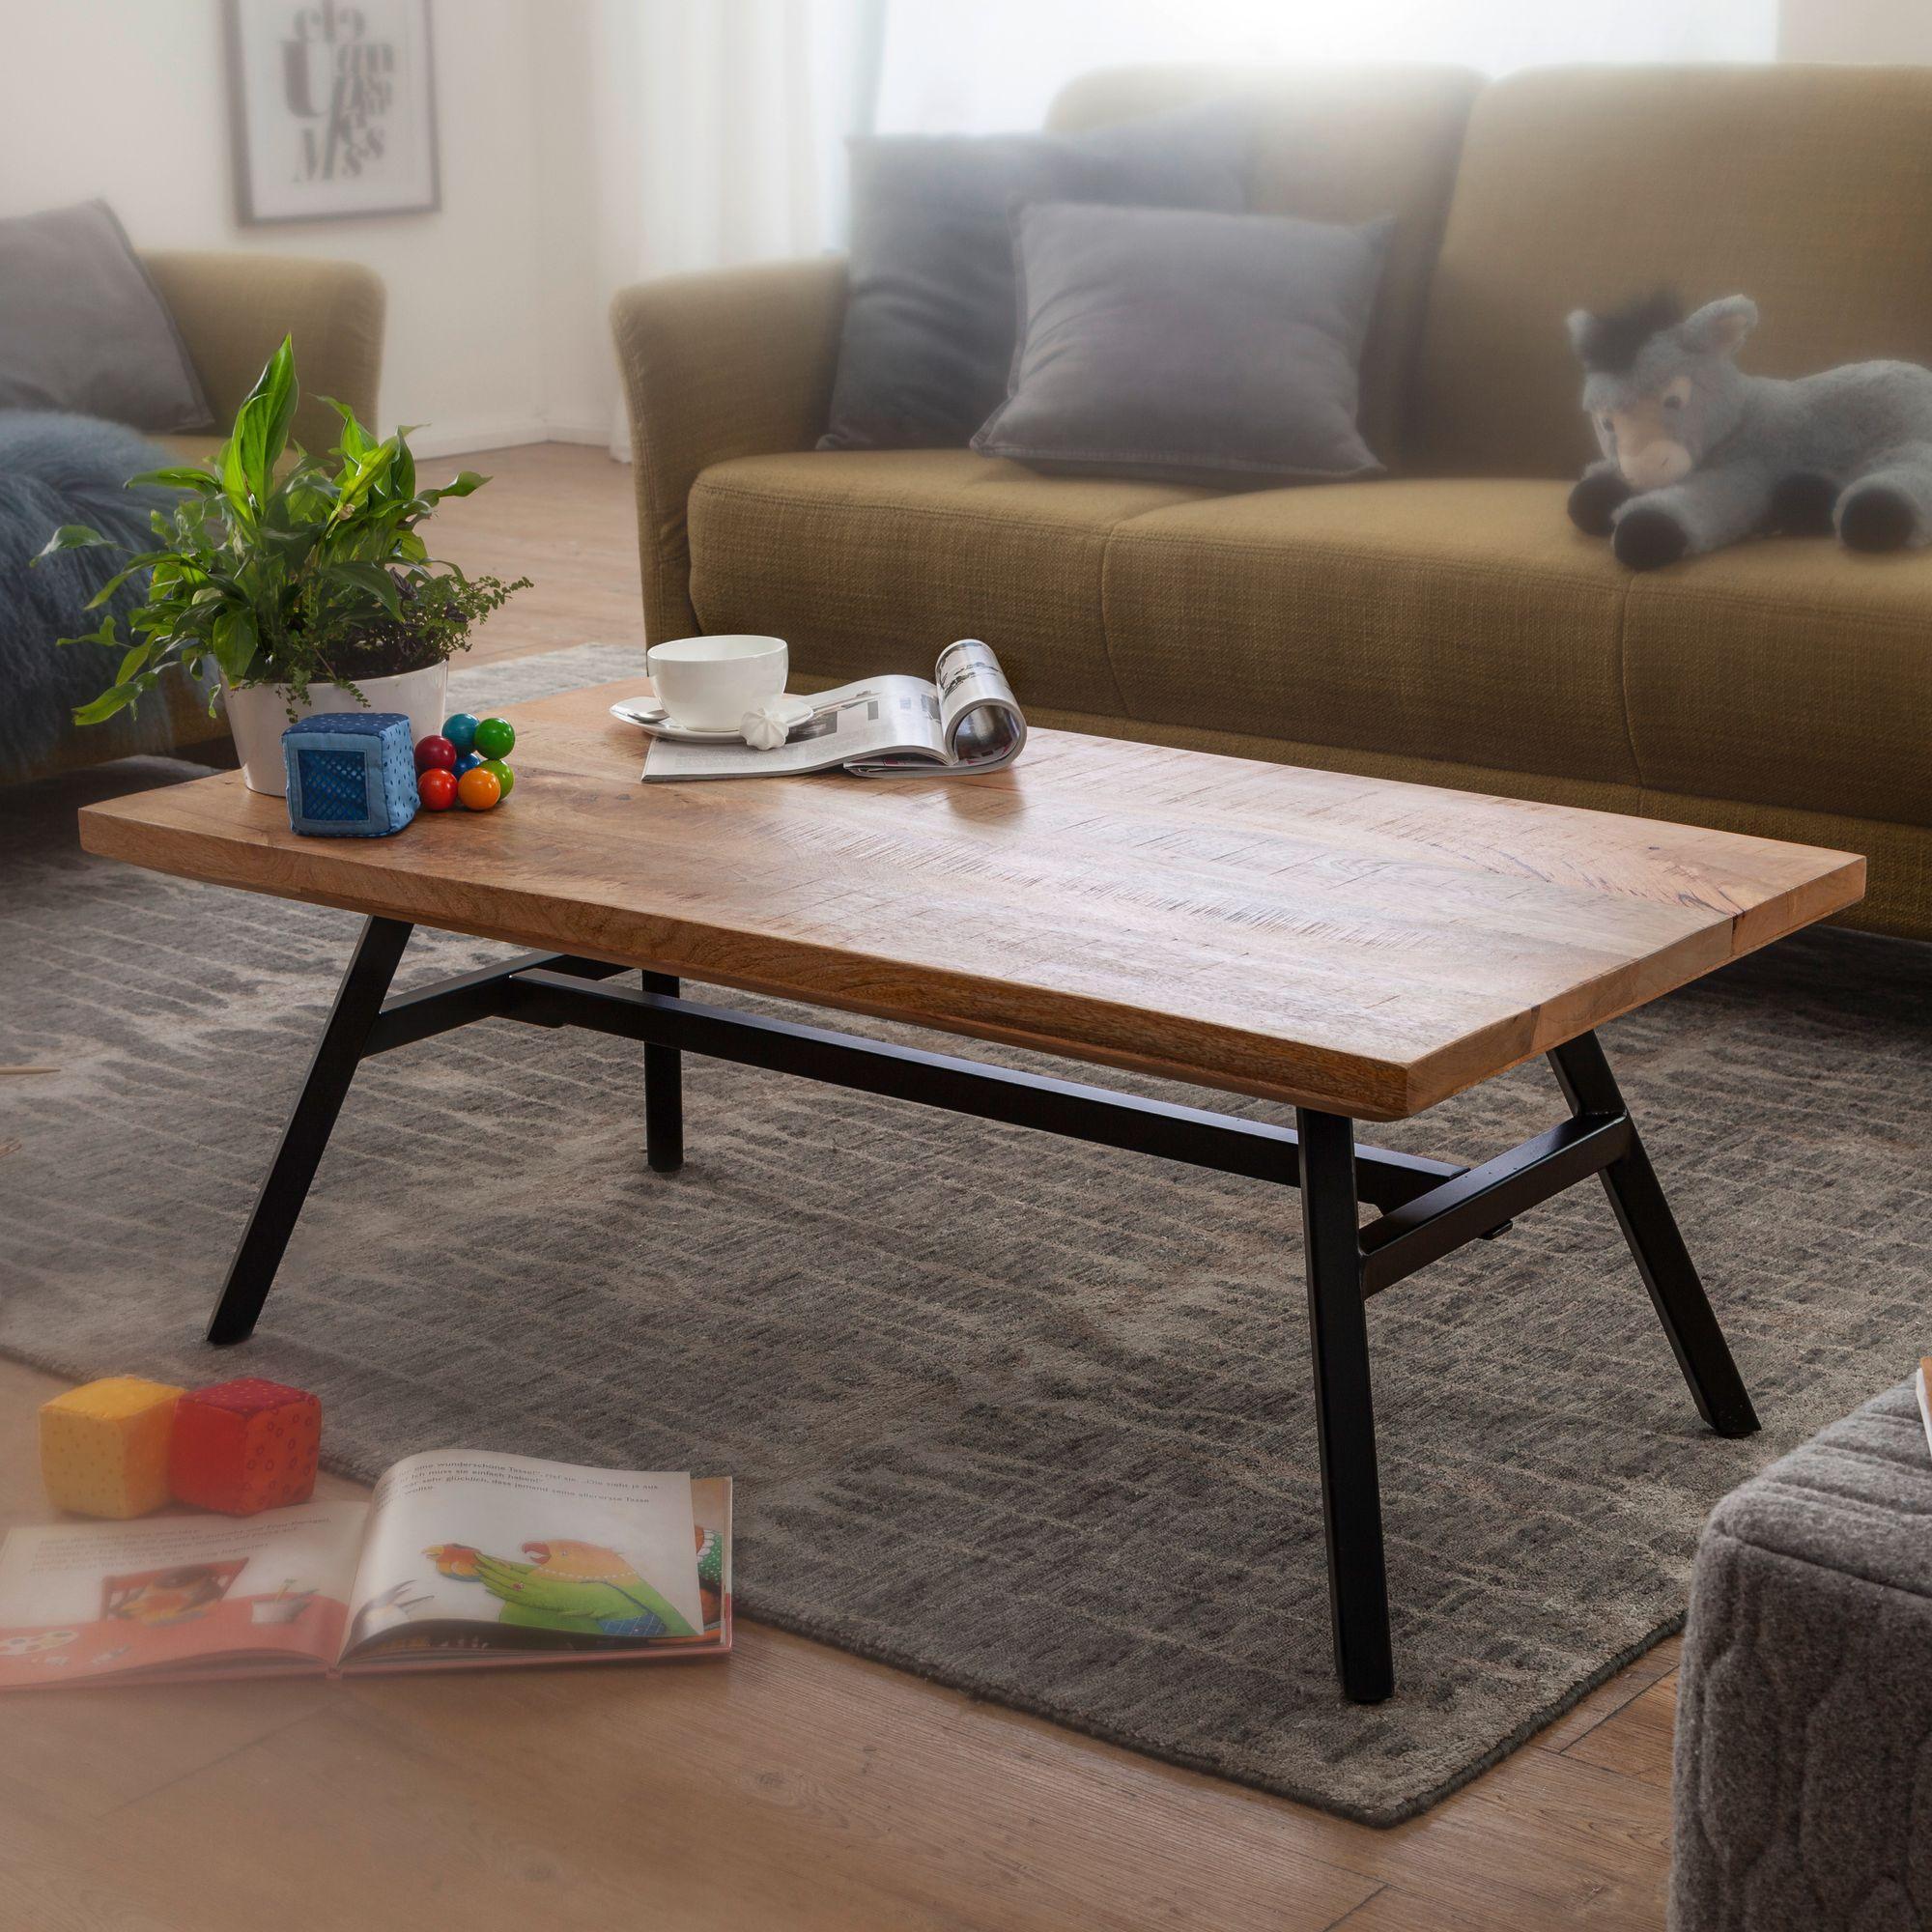 WOHNLING Couchtisch Mango Massivholz / Metall 43x43,43x43 cm  Wohnzimmertisch  Tisch Rustikal Echtholz und Edelstahl  Moderner  Sofatisch Massiv